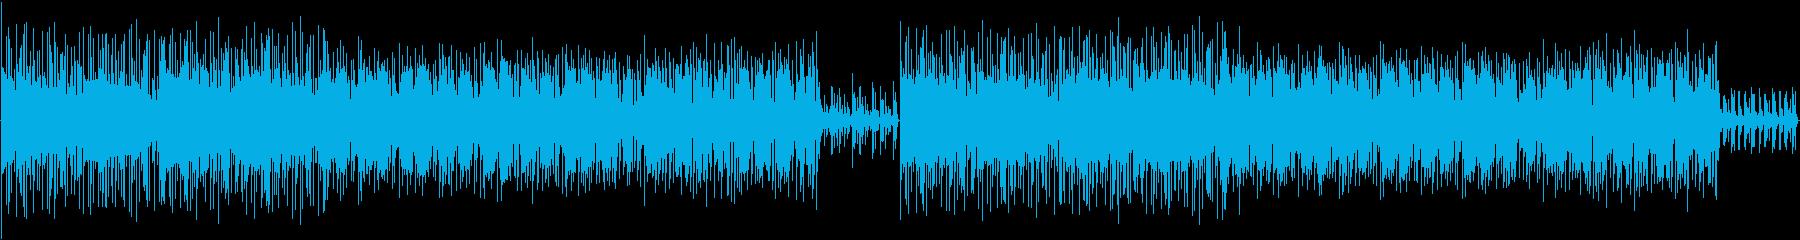 スタイリッシュな2Stepミュージックの再生済みの波形